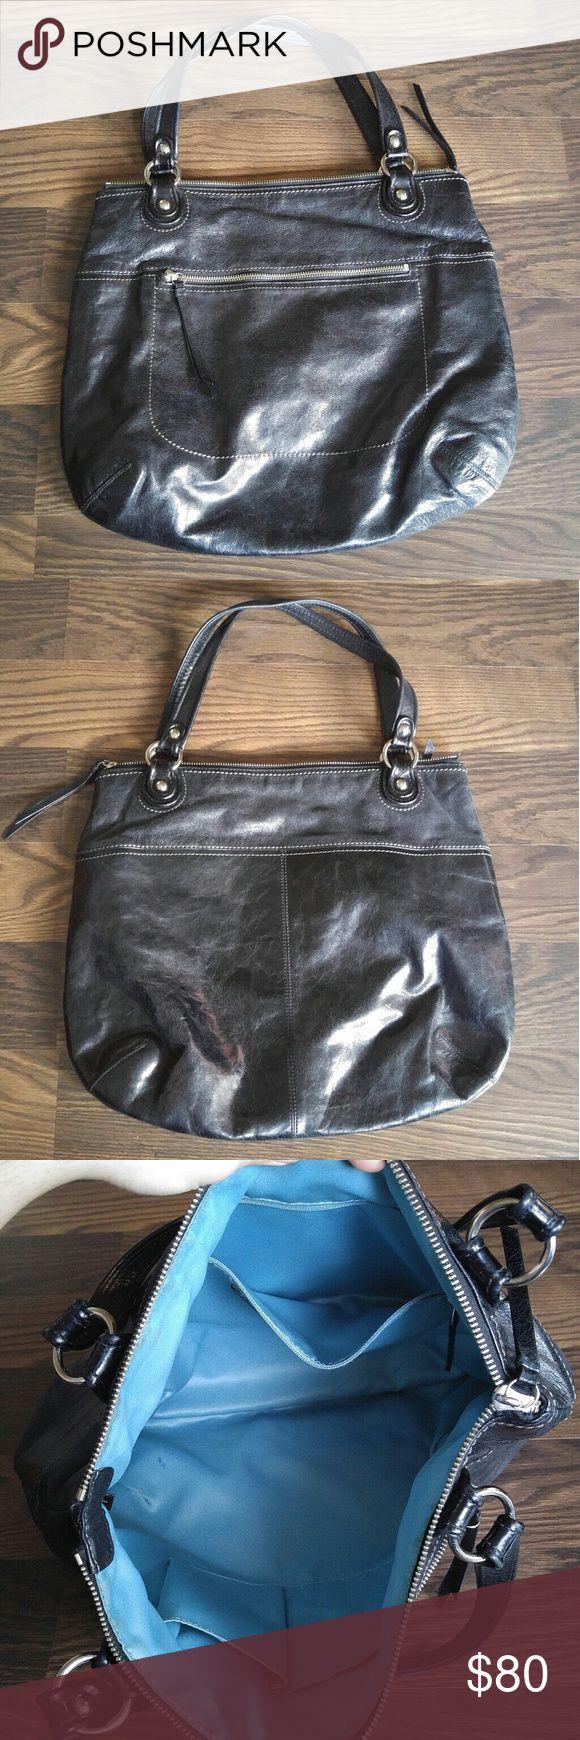 Coach Hobo Bag Coach glazed black leather hobo bag. Has one exterior pocket and light blue interior. Coach Bags Hobos